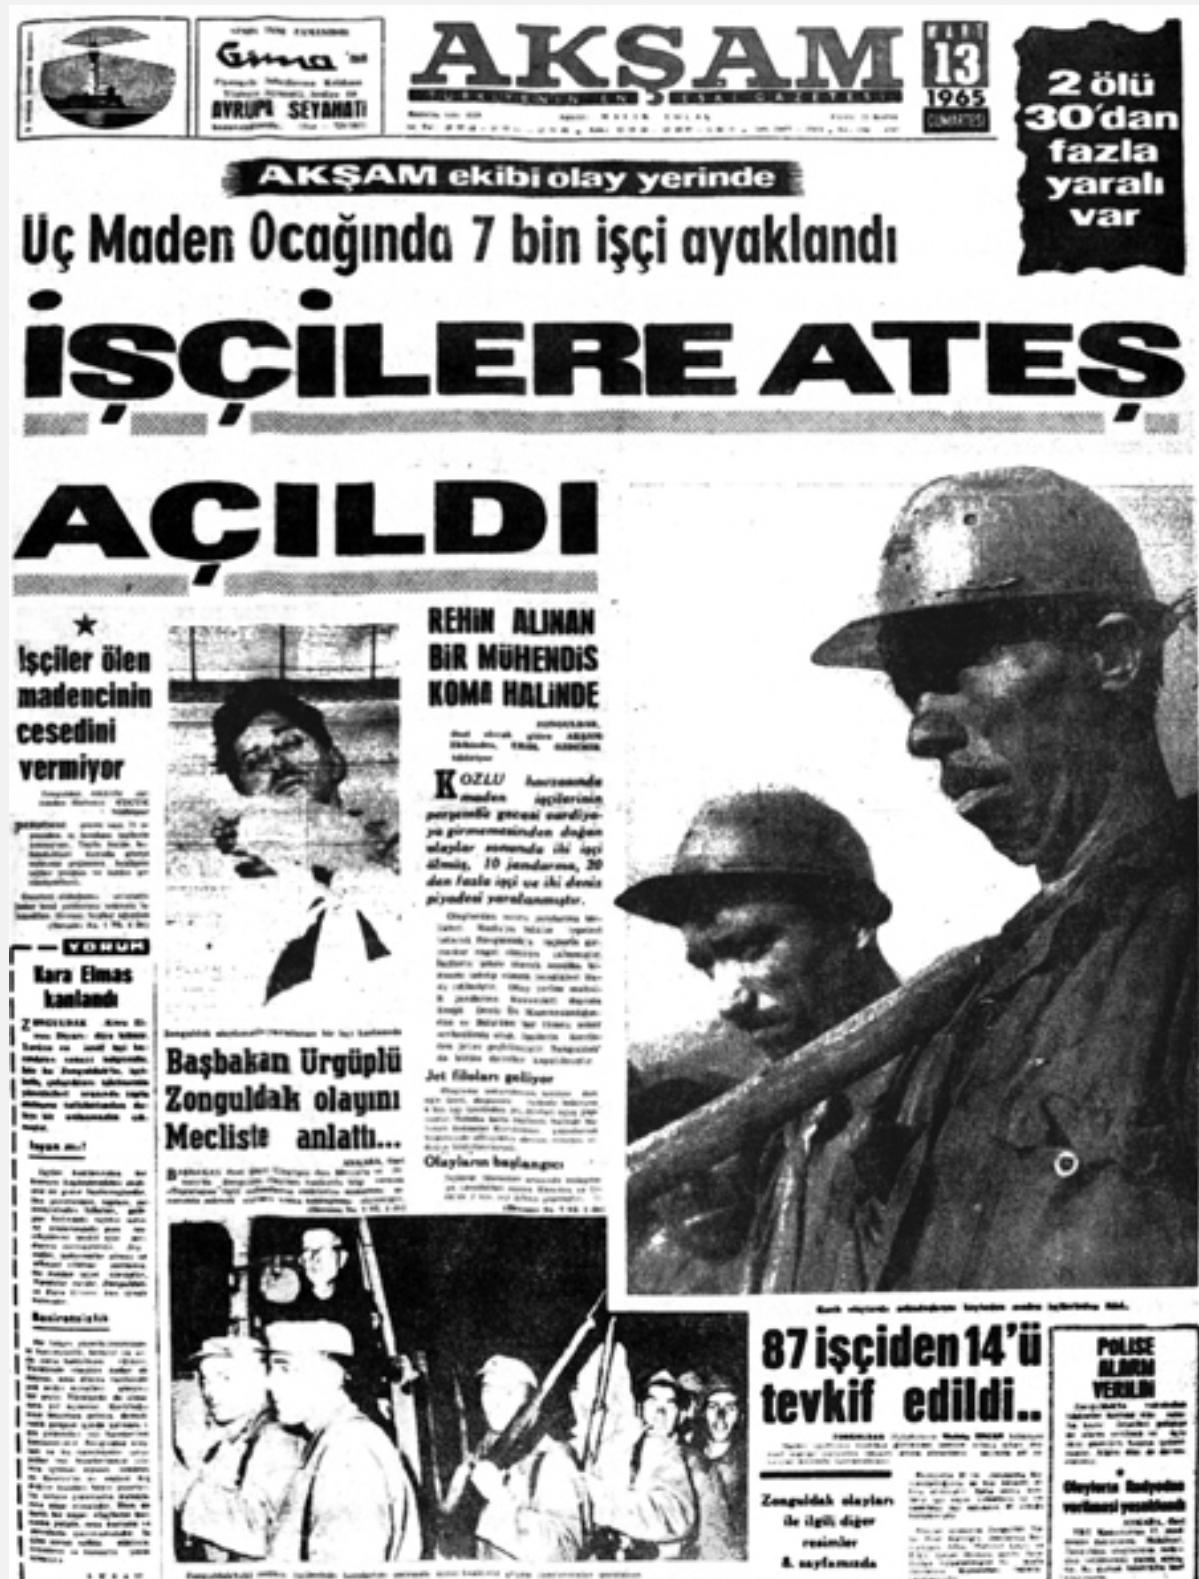 Satılmış Tepe ve Mehmet Çavdar'ın anısına: Kozlu 1965 – Can Şafak